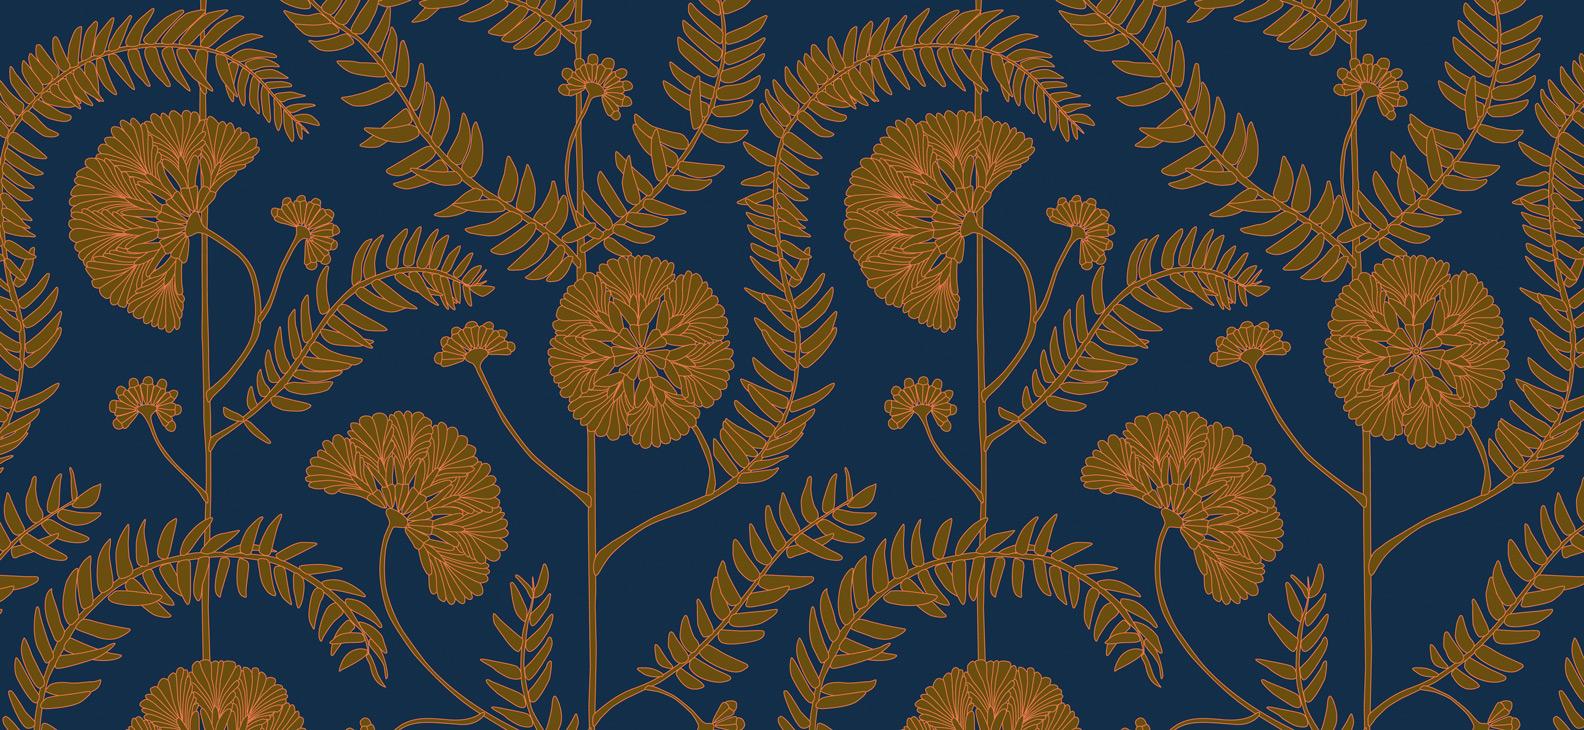 Motif Anna - AA01, Collection Faune & Flore, Papiers peints RESSOURCE